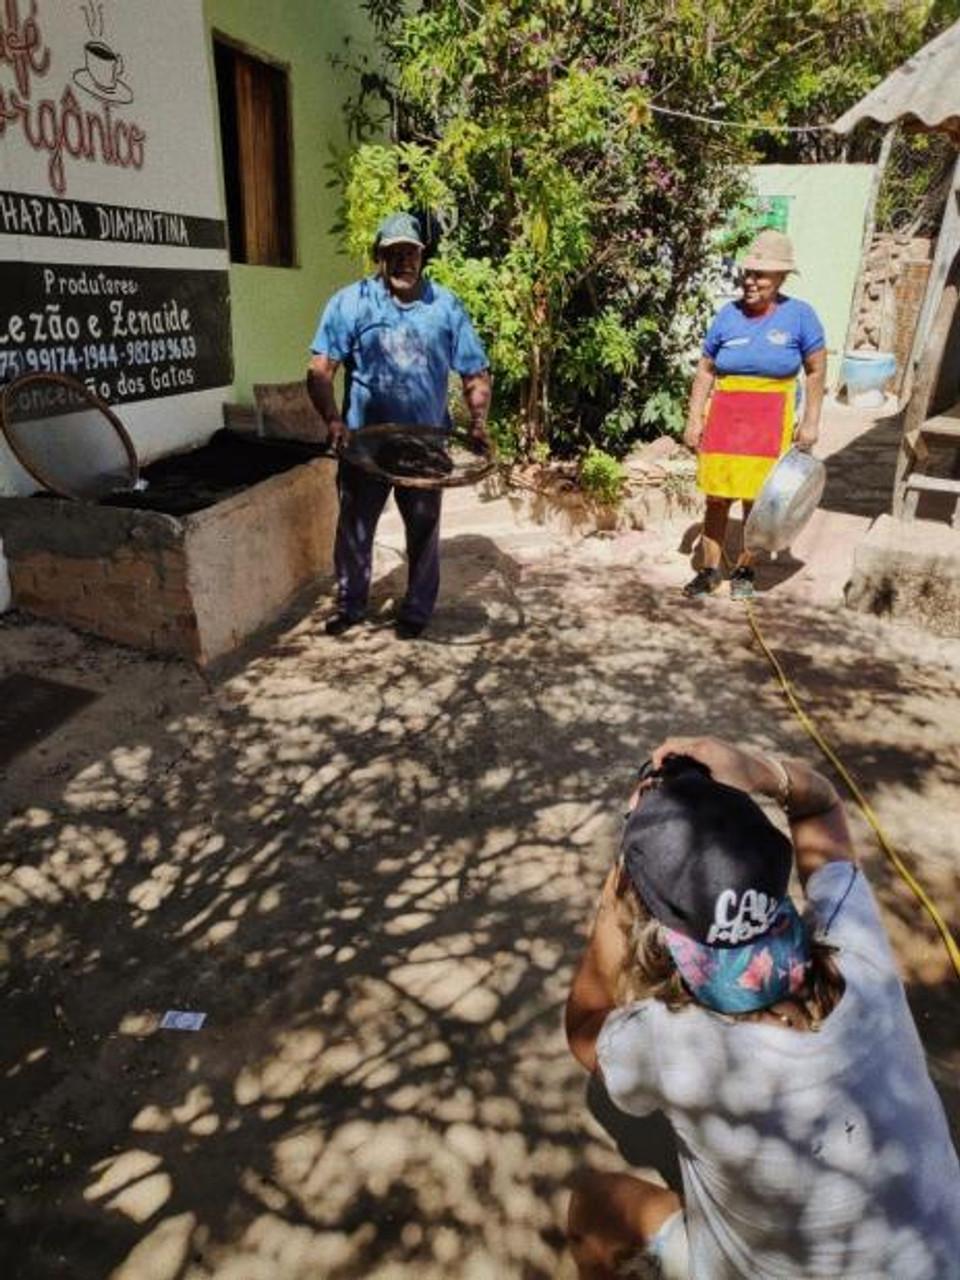 Ensaio fotográfico de casal, produtores de café orgânico no Vale do Capão - Chapada Diamantina (BA), sorrindo a luz do dia em sua loja simples, mas com lições de marketing e experiência de consumo